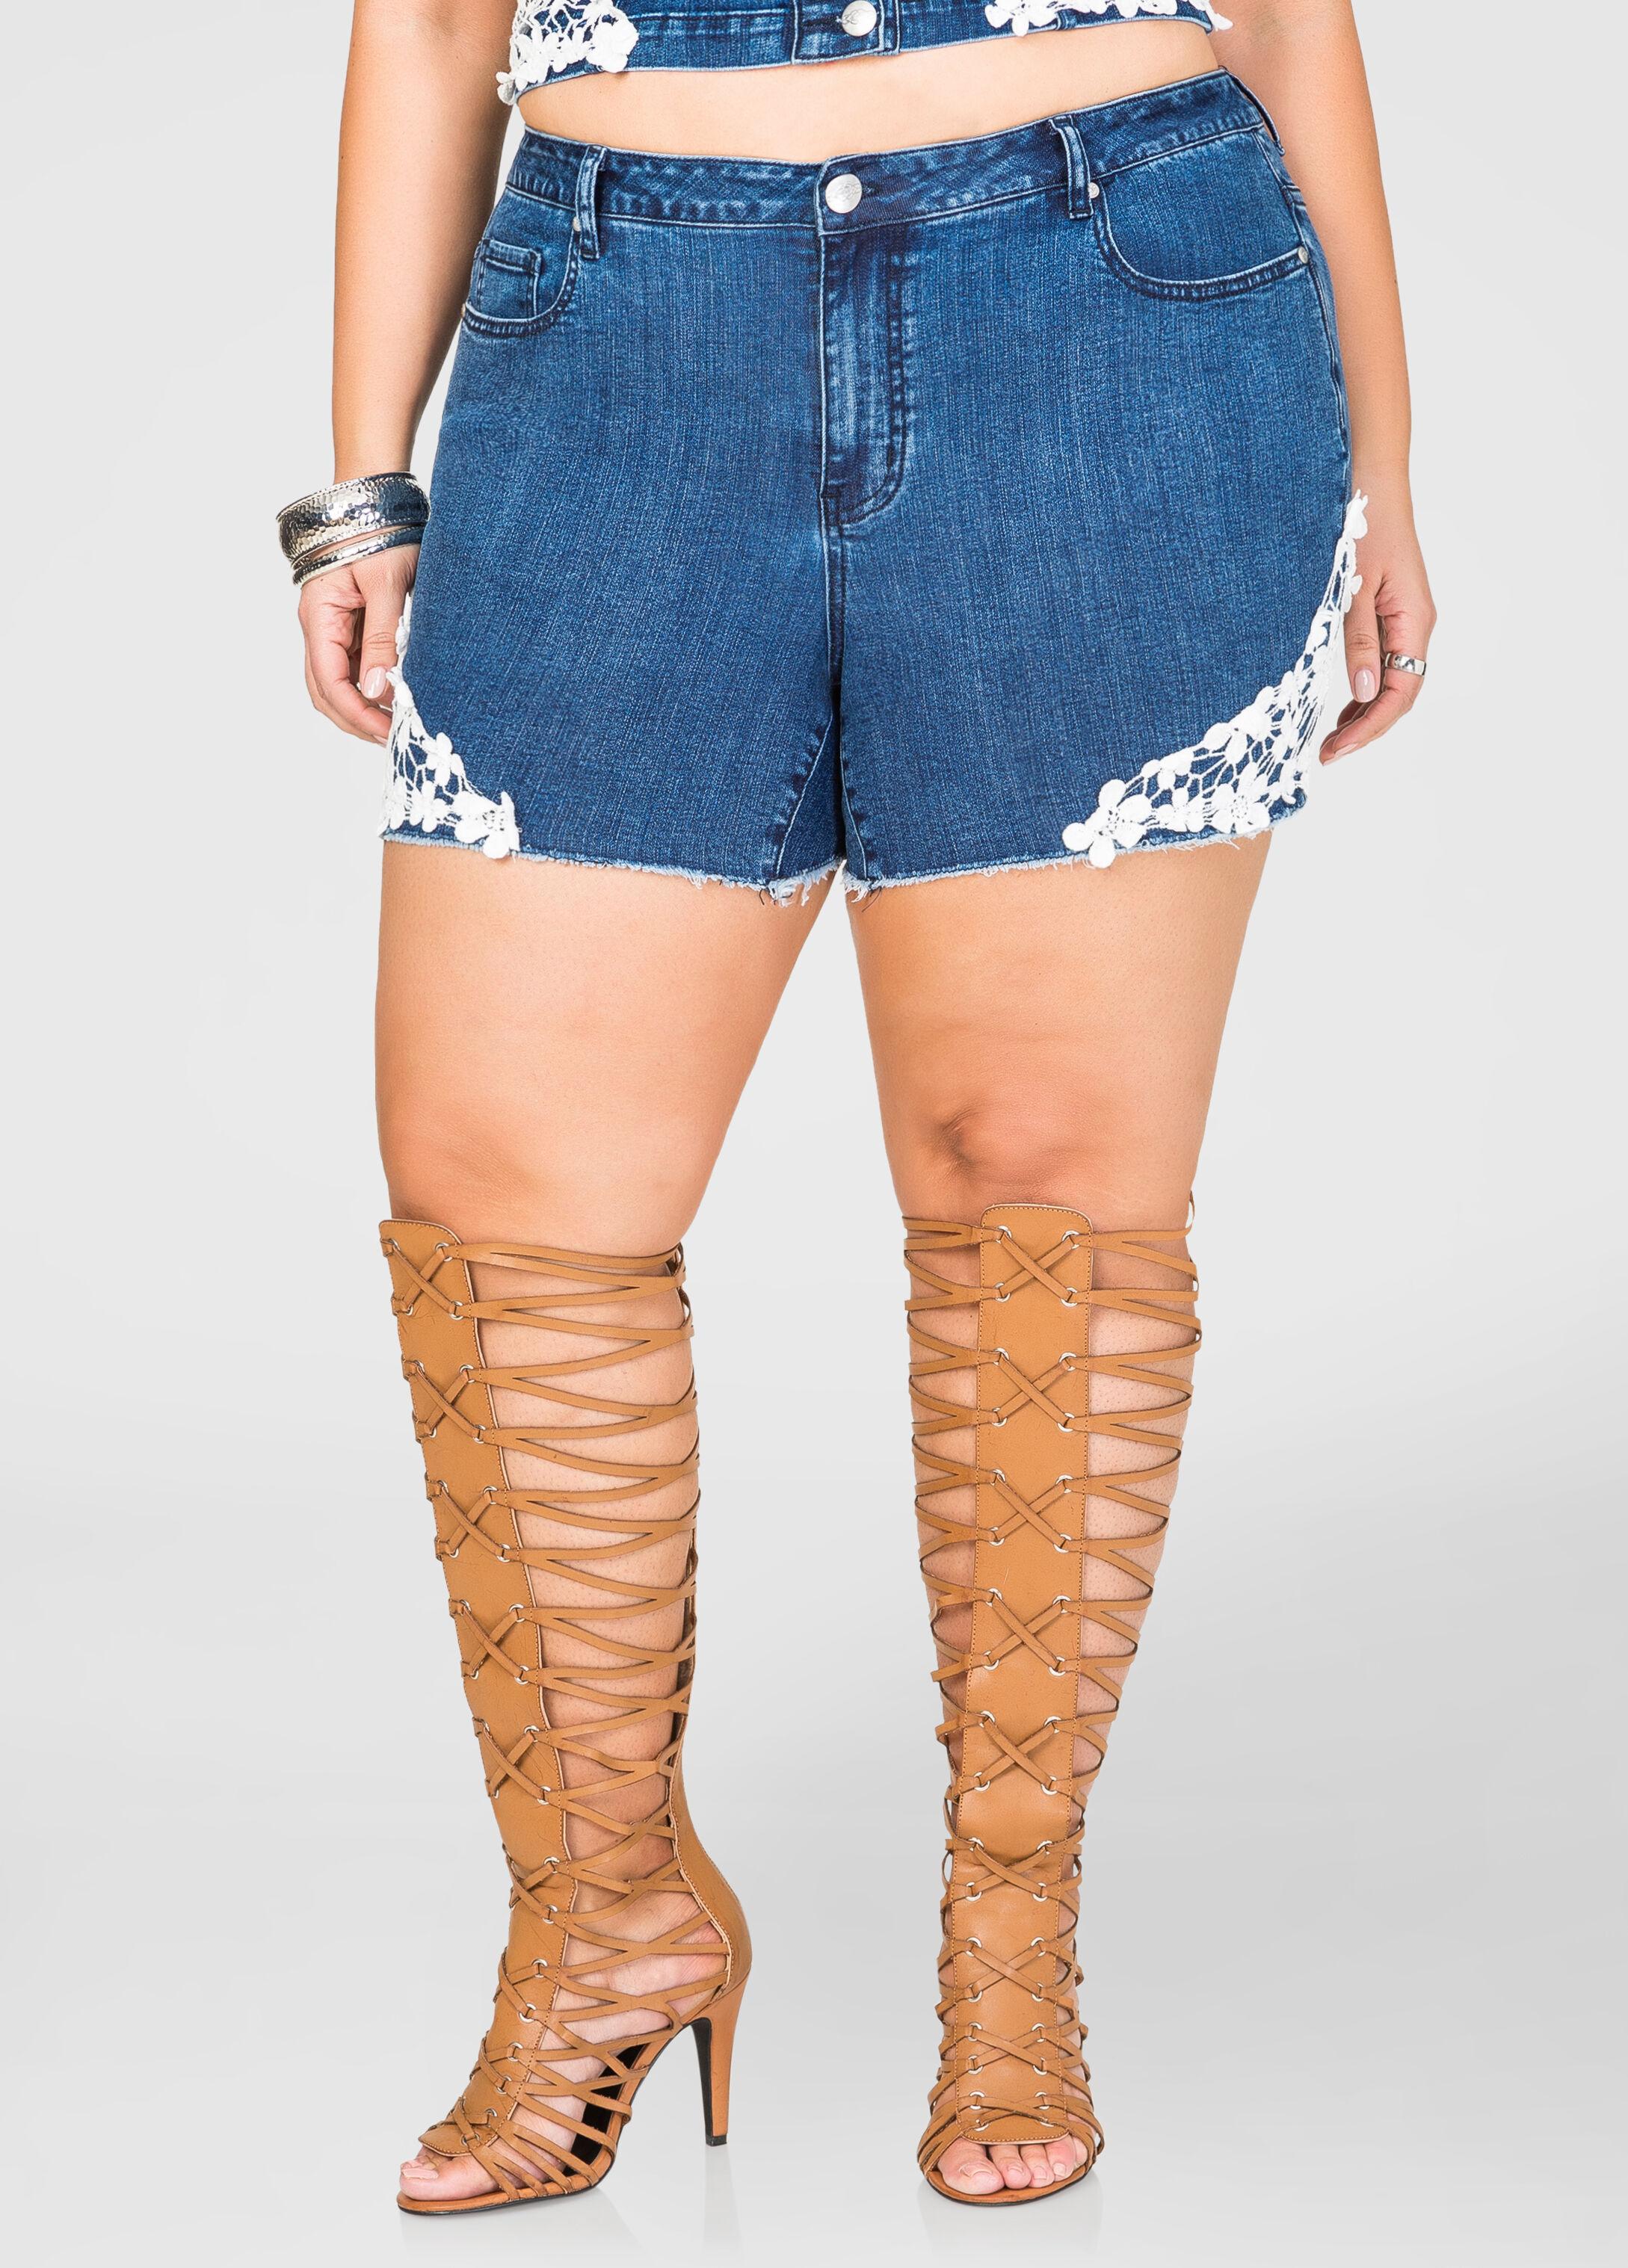 Floral Lace Jean Shorts